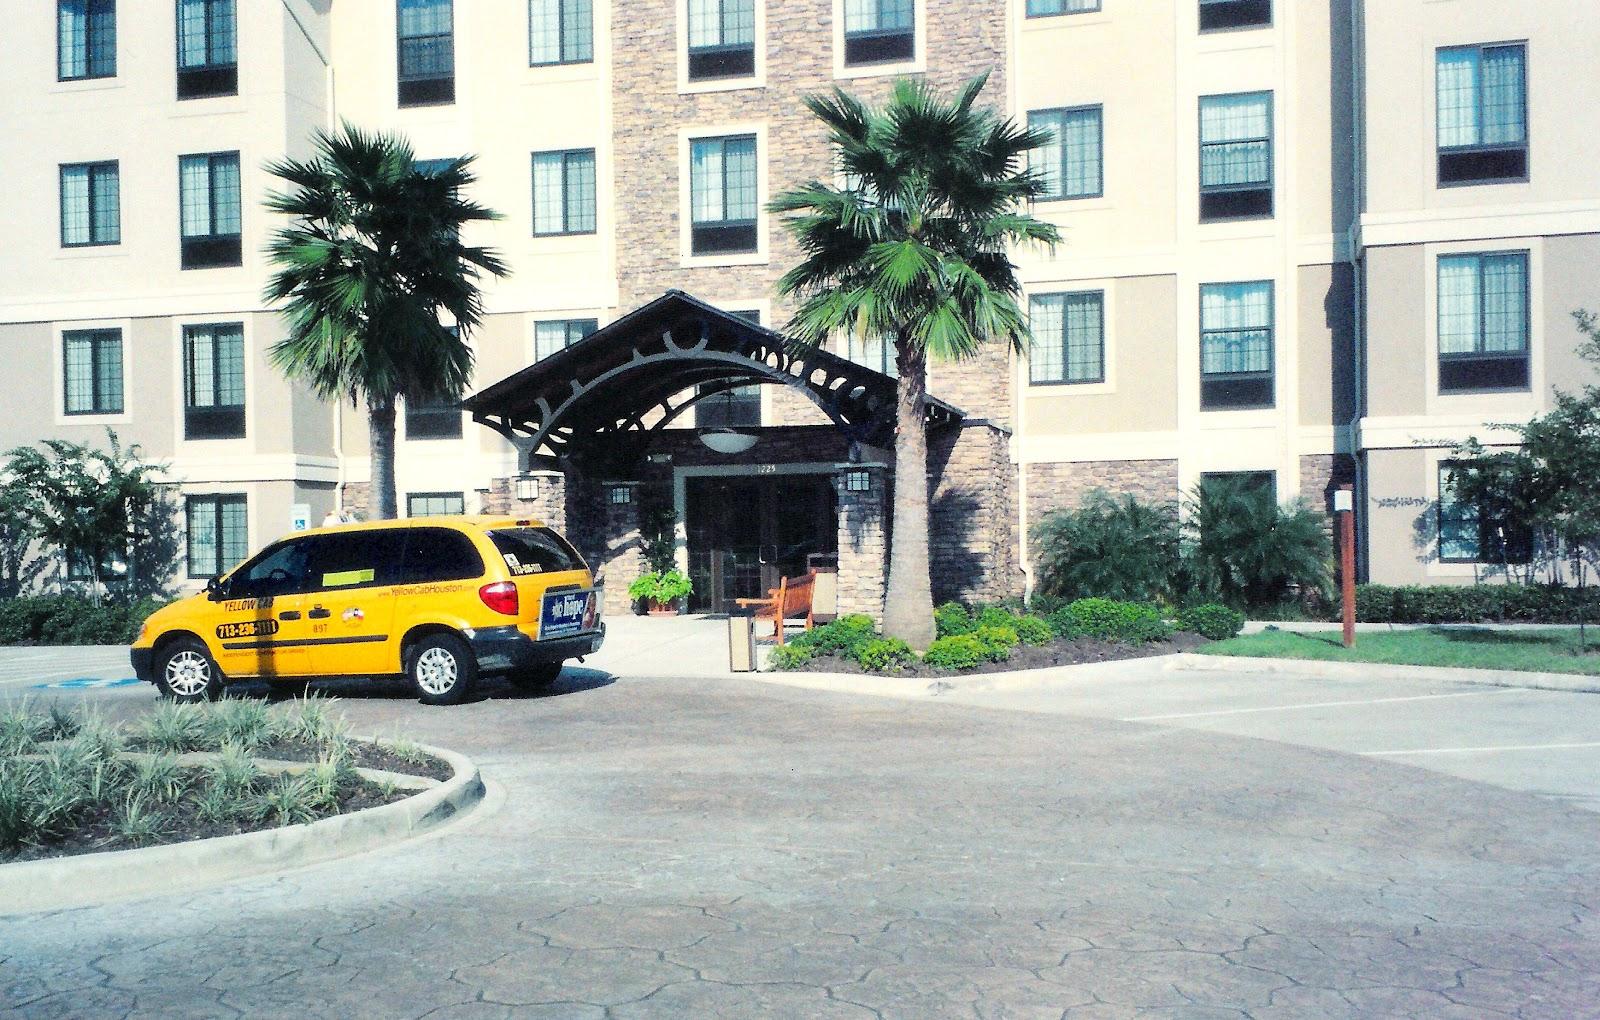 http://2.bp.blogspot.com/-DoUBKqYaVYs/T_OTwqFdp1I/AAAAAAAACyo/RgoZn0vj_G4/s1600/Tea+in+Texas+001+(6).jpg